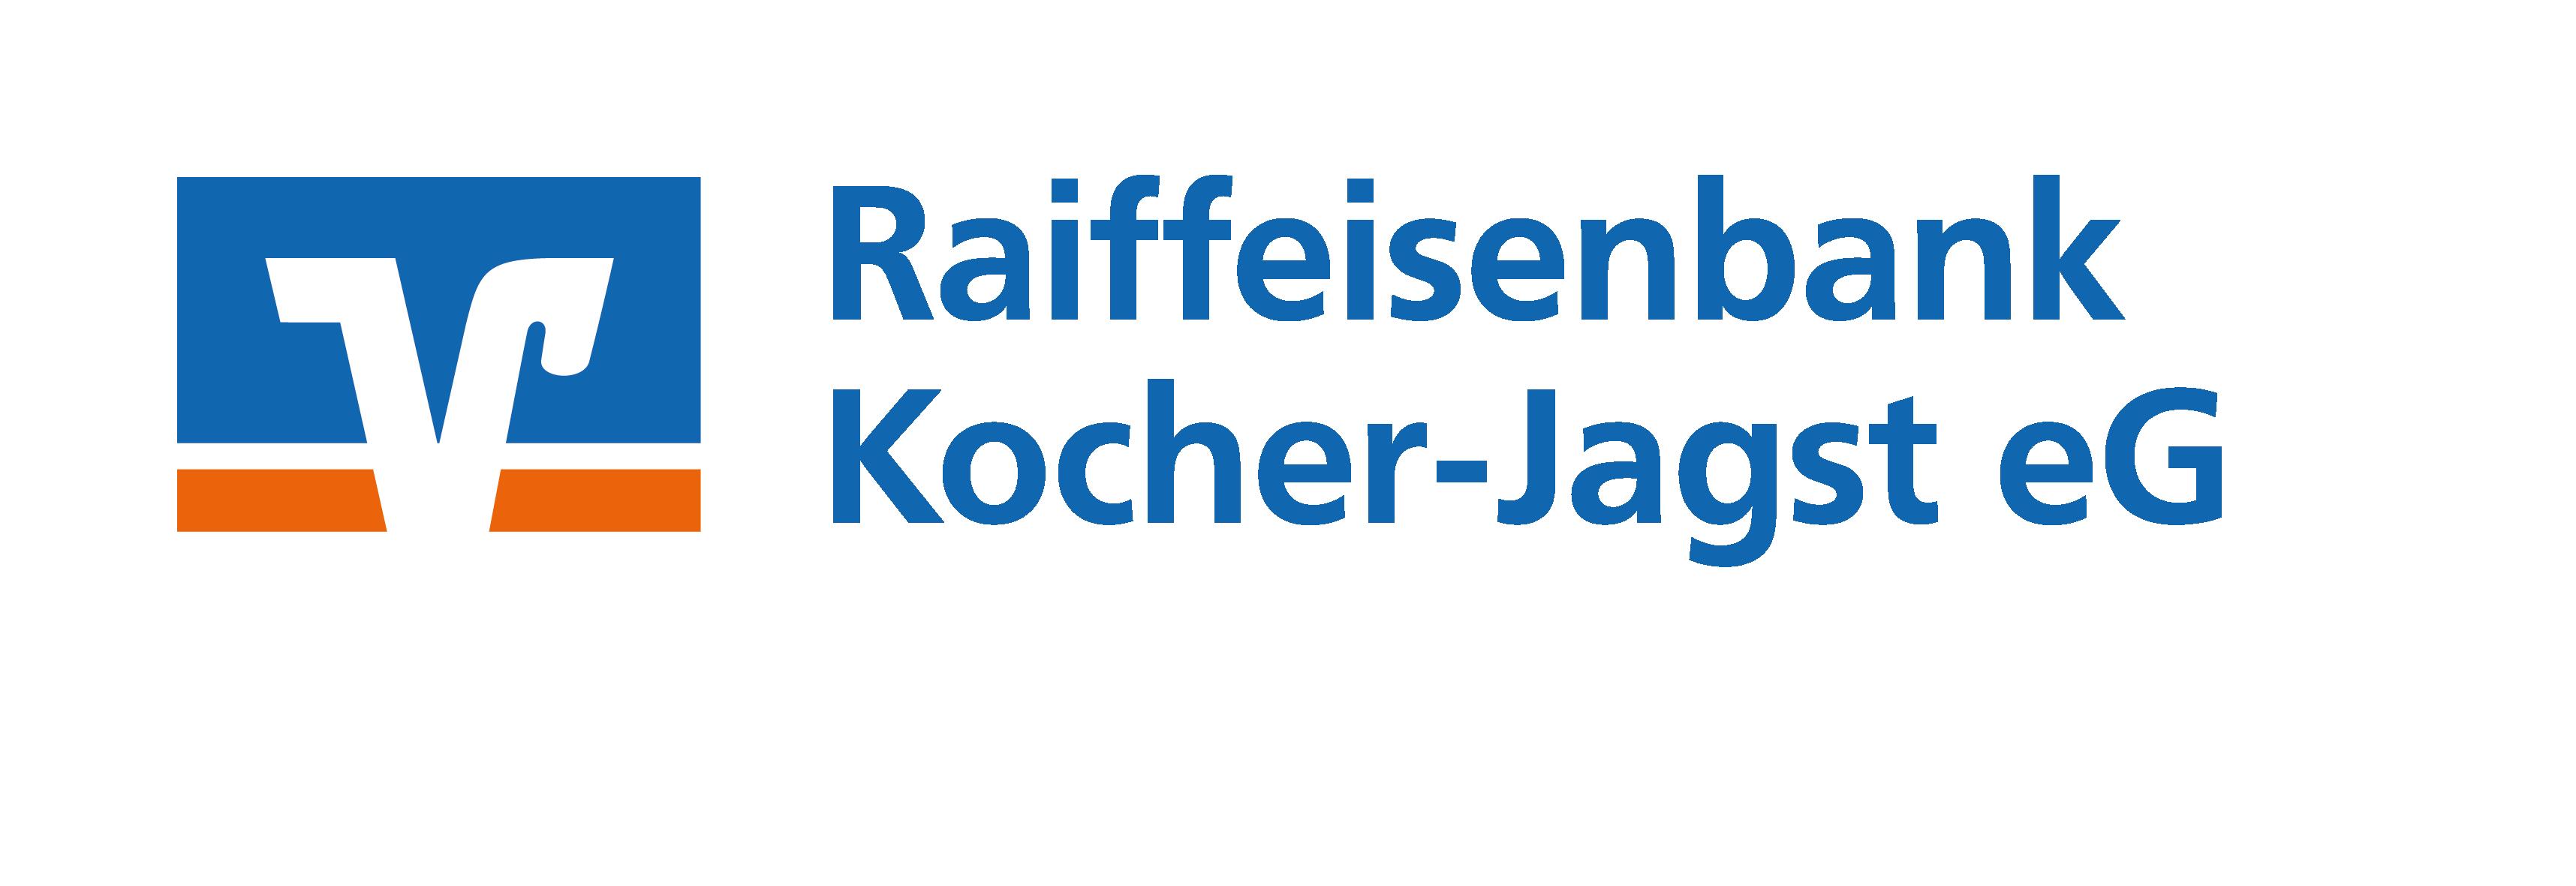 Raiffeisenbank Kocher-Jagst eG